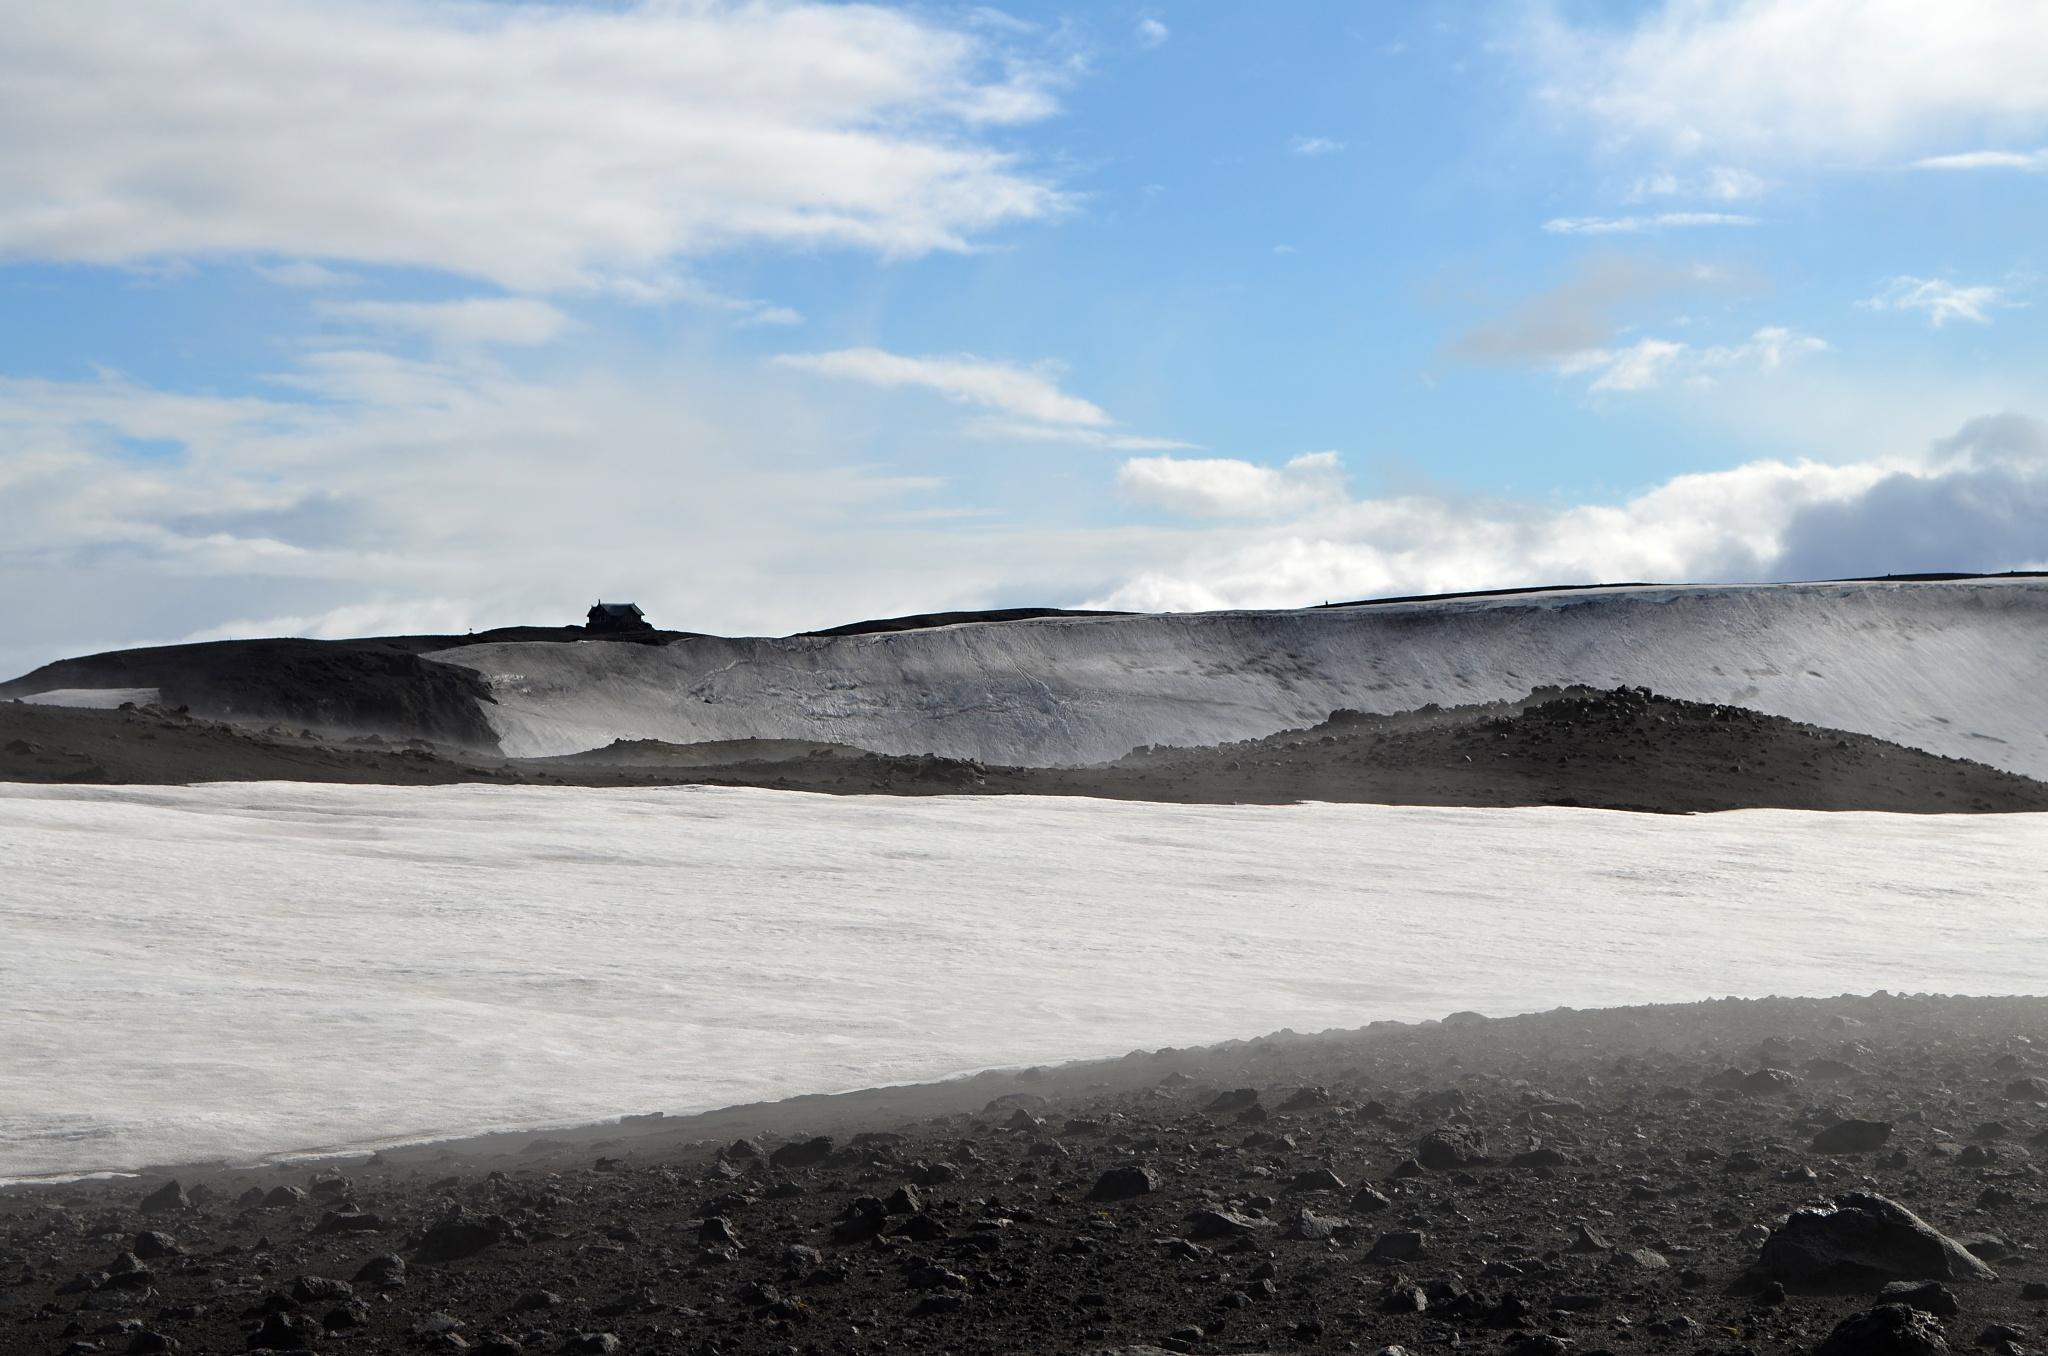 Na obzoru se ztrácí chata Fimmvörðuskáli